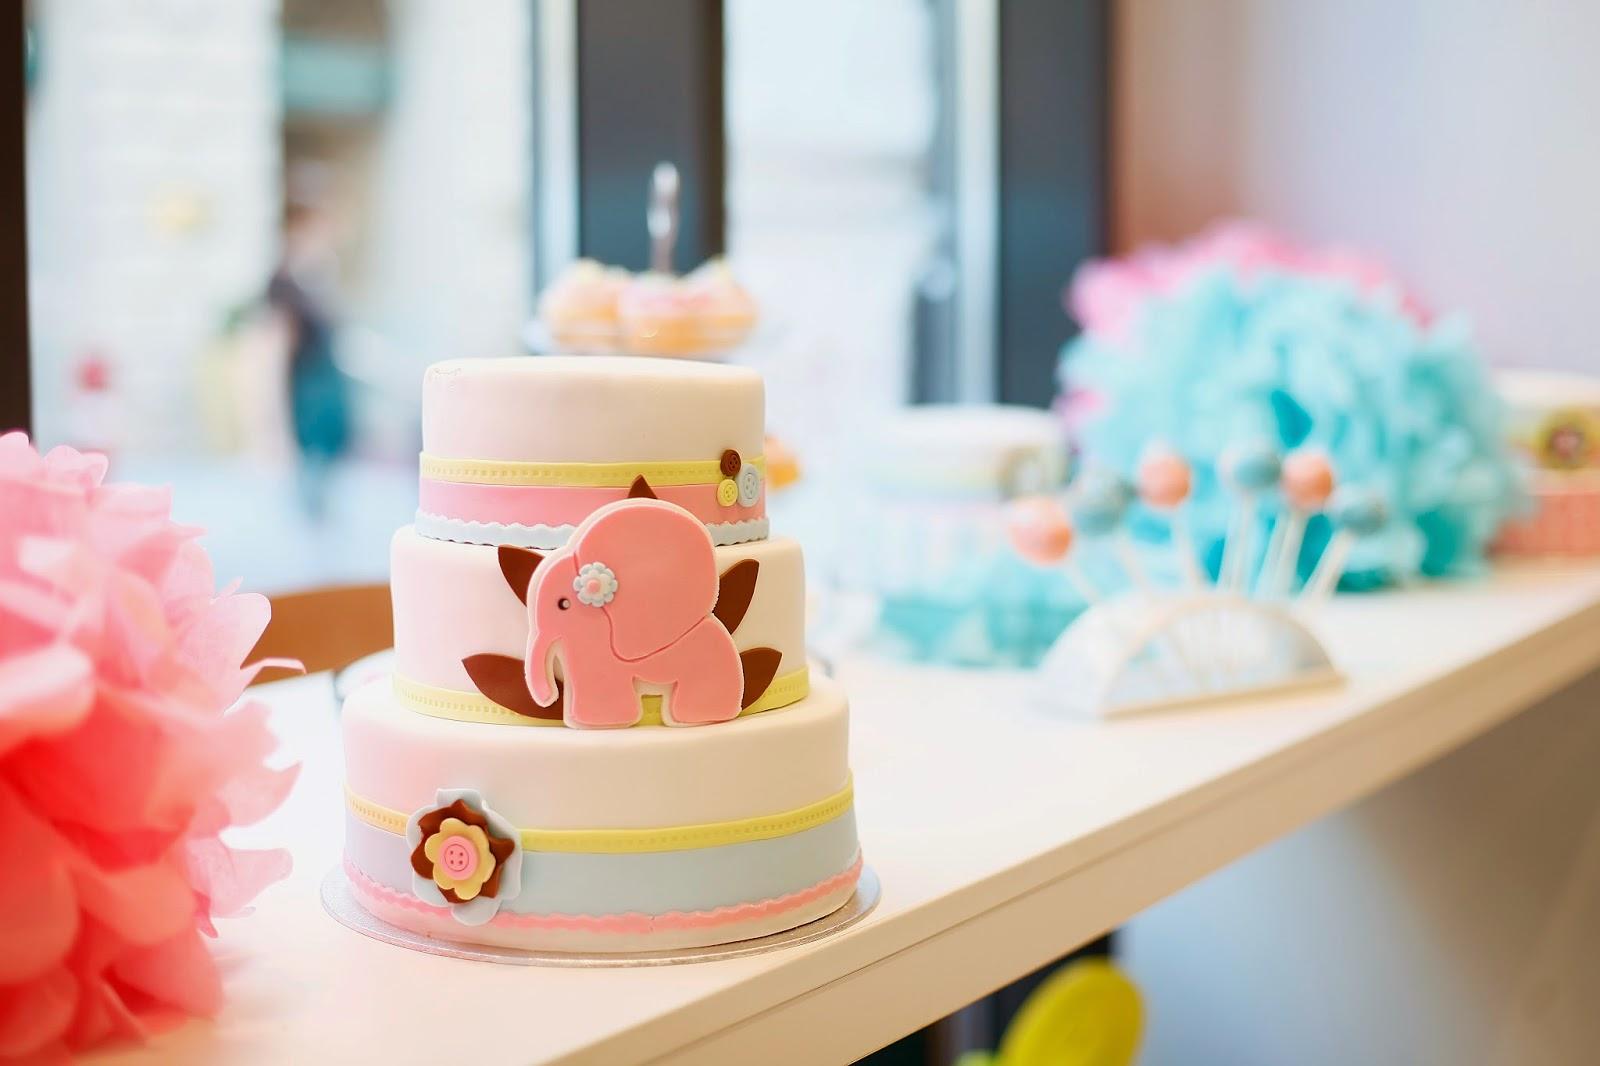 The Cake születésnapi tortánk